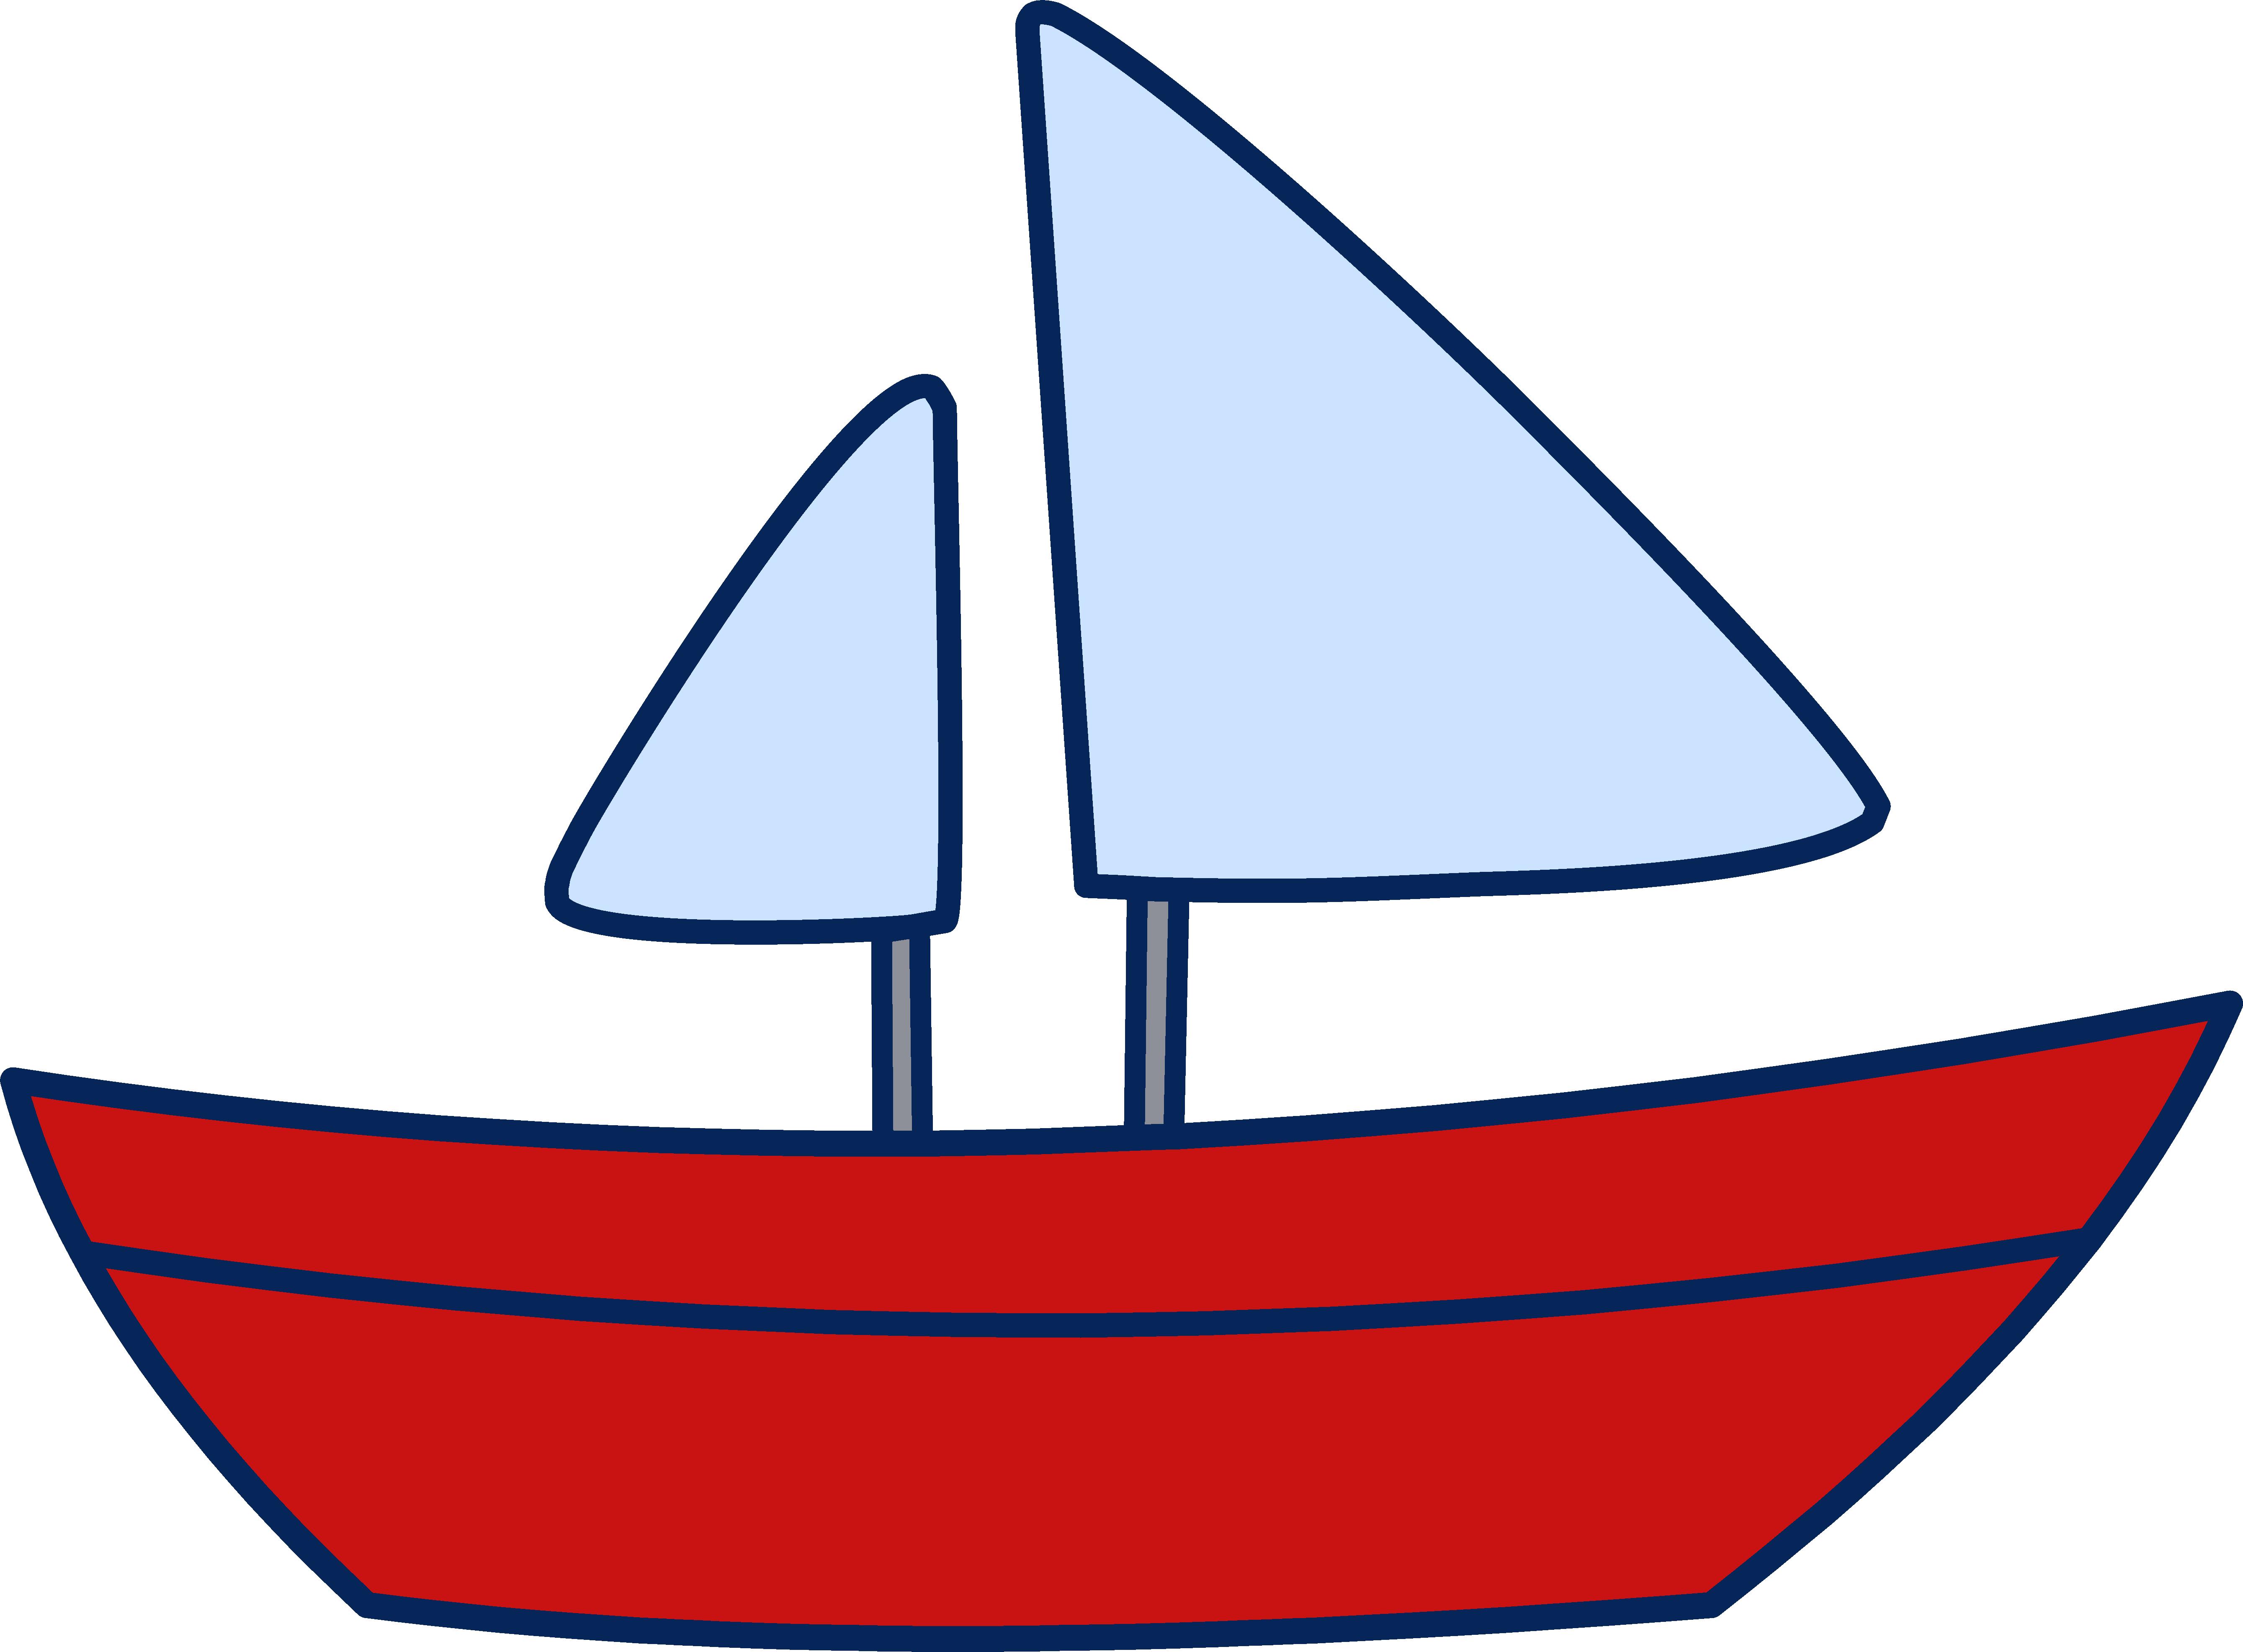 Boat Clipart Sail-Boat Clipart Sail-2